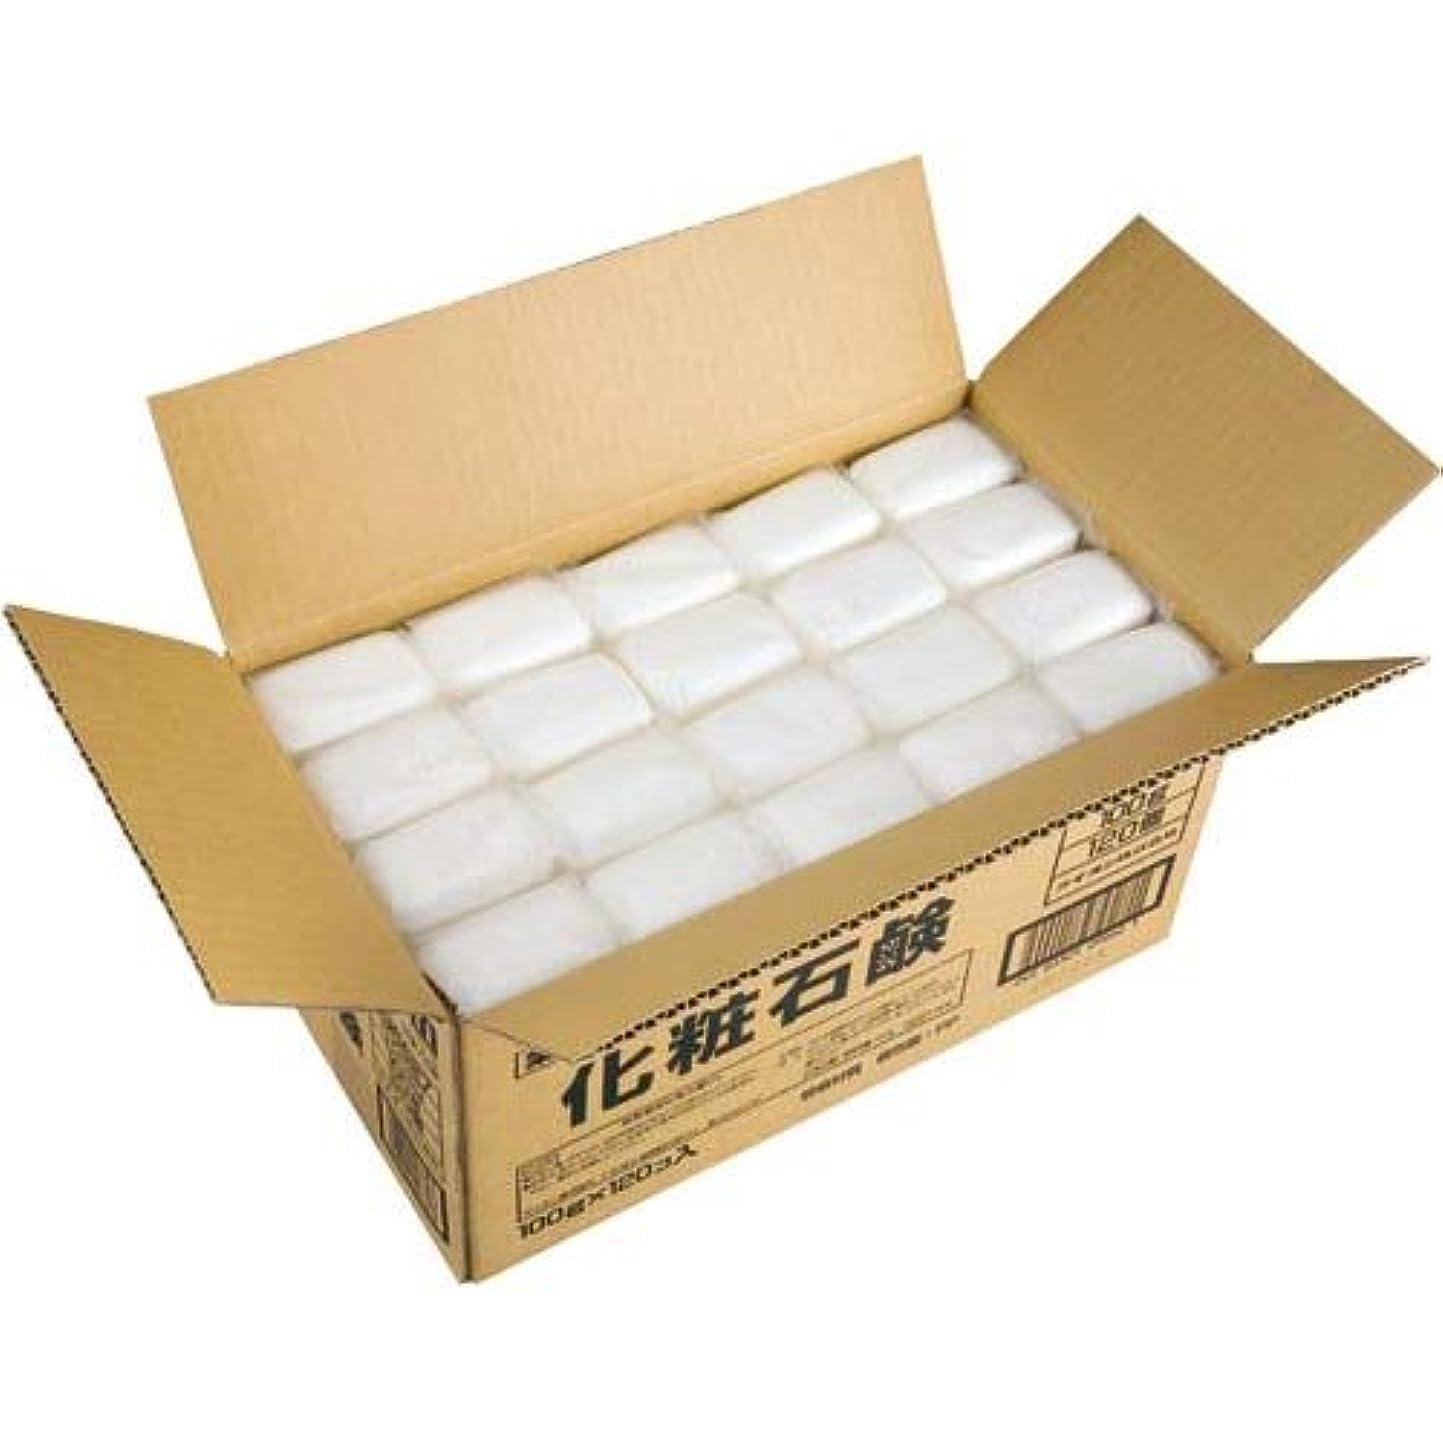 スワップ要求するバイアスライオン 植物物語 化粧石鹸 (100g×120入)